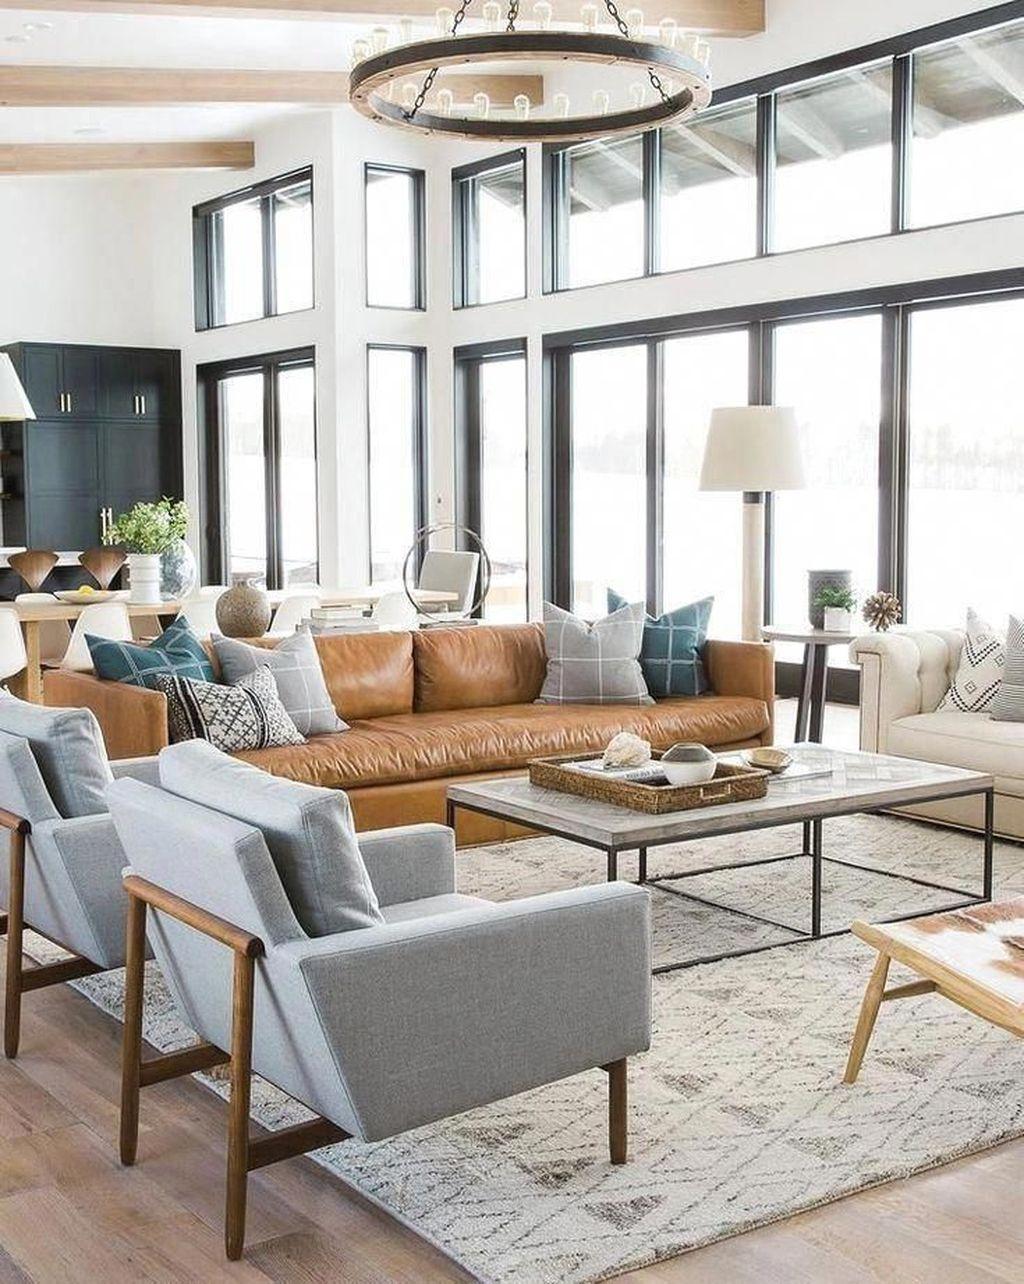 Amazing Contemporary Living Room Design Ideas You Should Copy 12